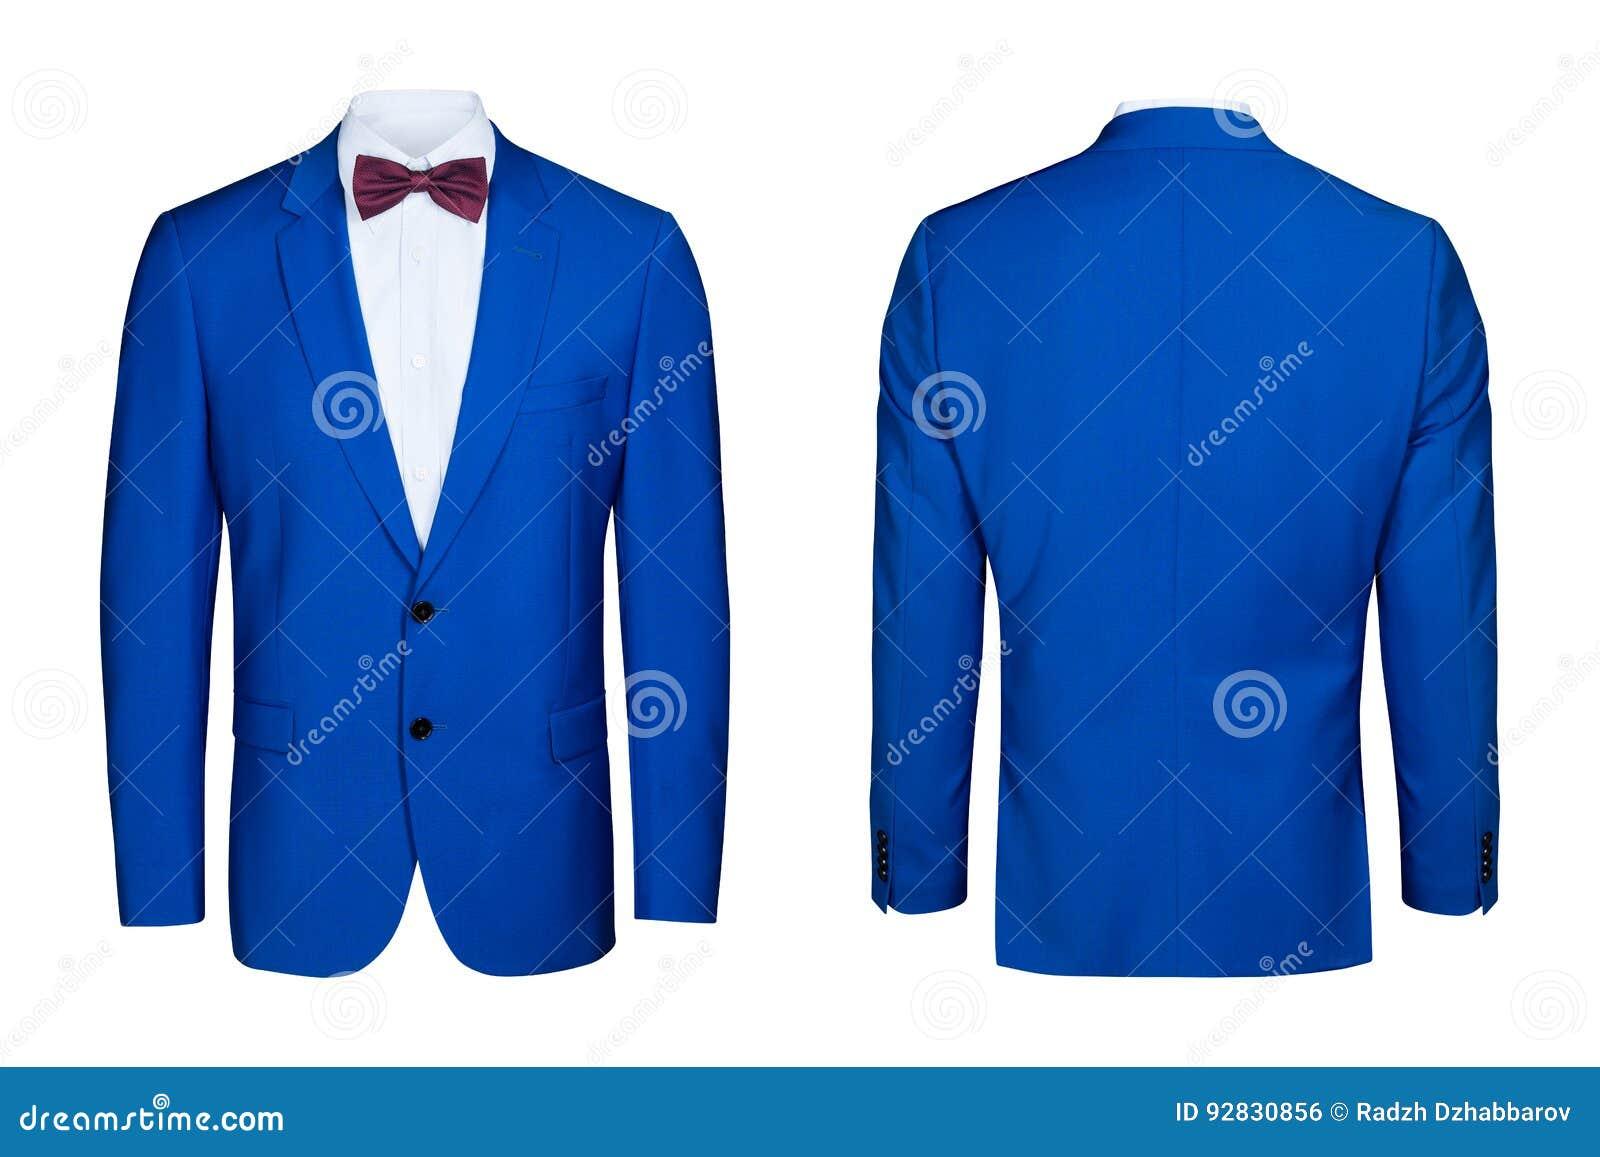 3fa3db1c142067 Błękitna Klasyczna Koszula I, Motyl, Biały Tło Zdjęcie Stock - Obraz ...